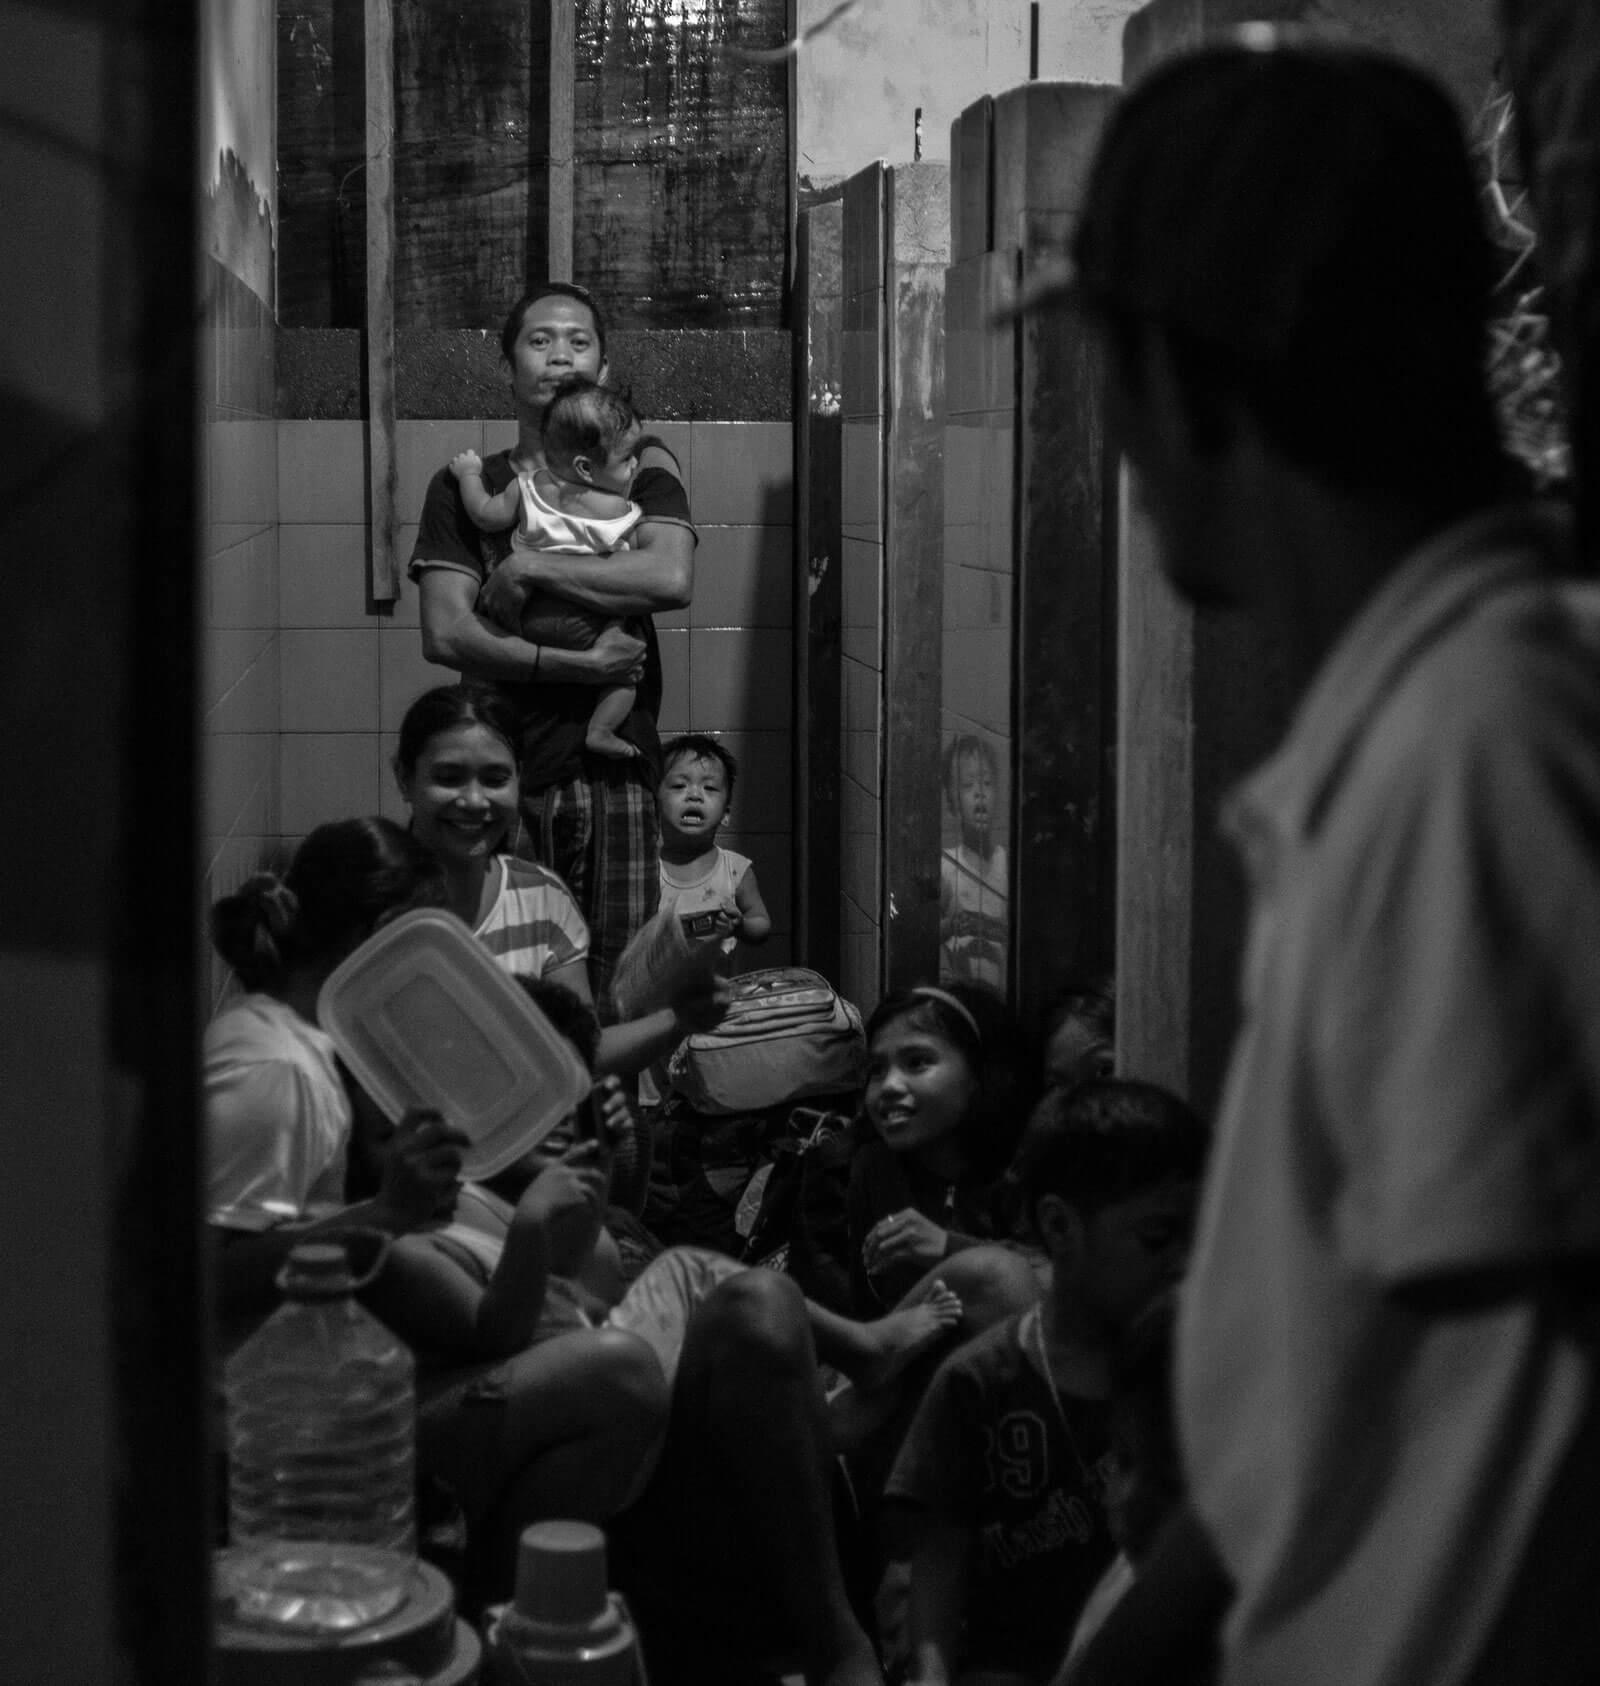 typhoon-hagupit-evacuation-shelter